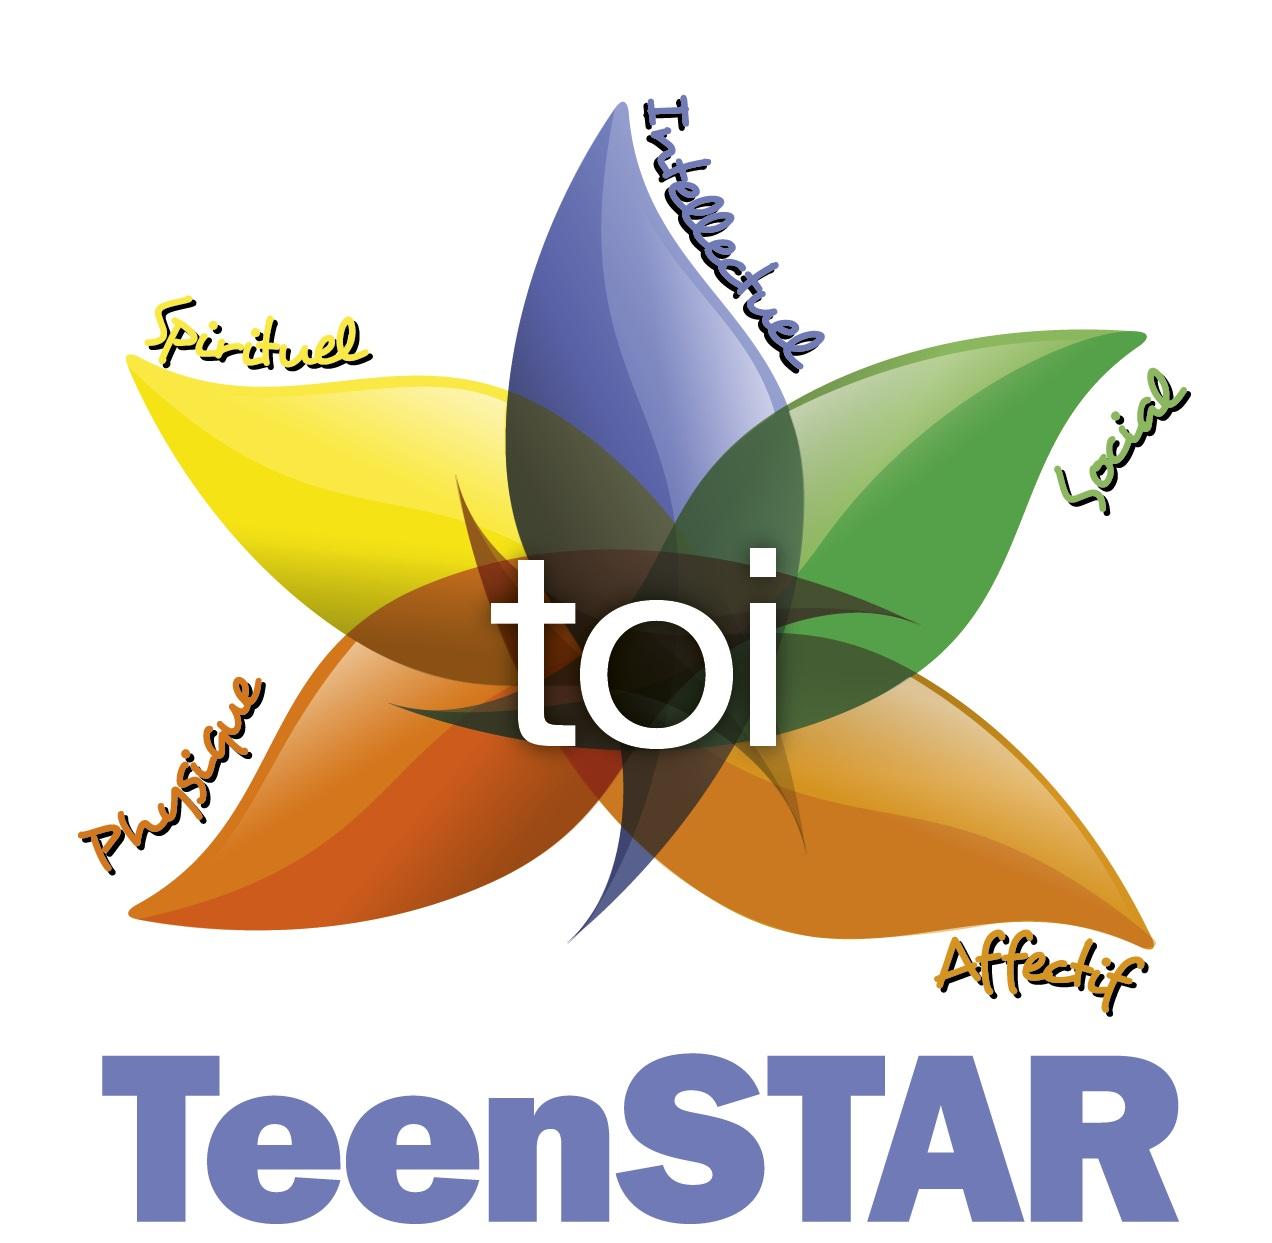 Tu te poses 1001 questions sur l'amour et la sexualité? – Formation TeenSTAR